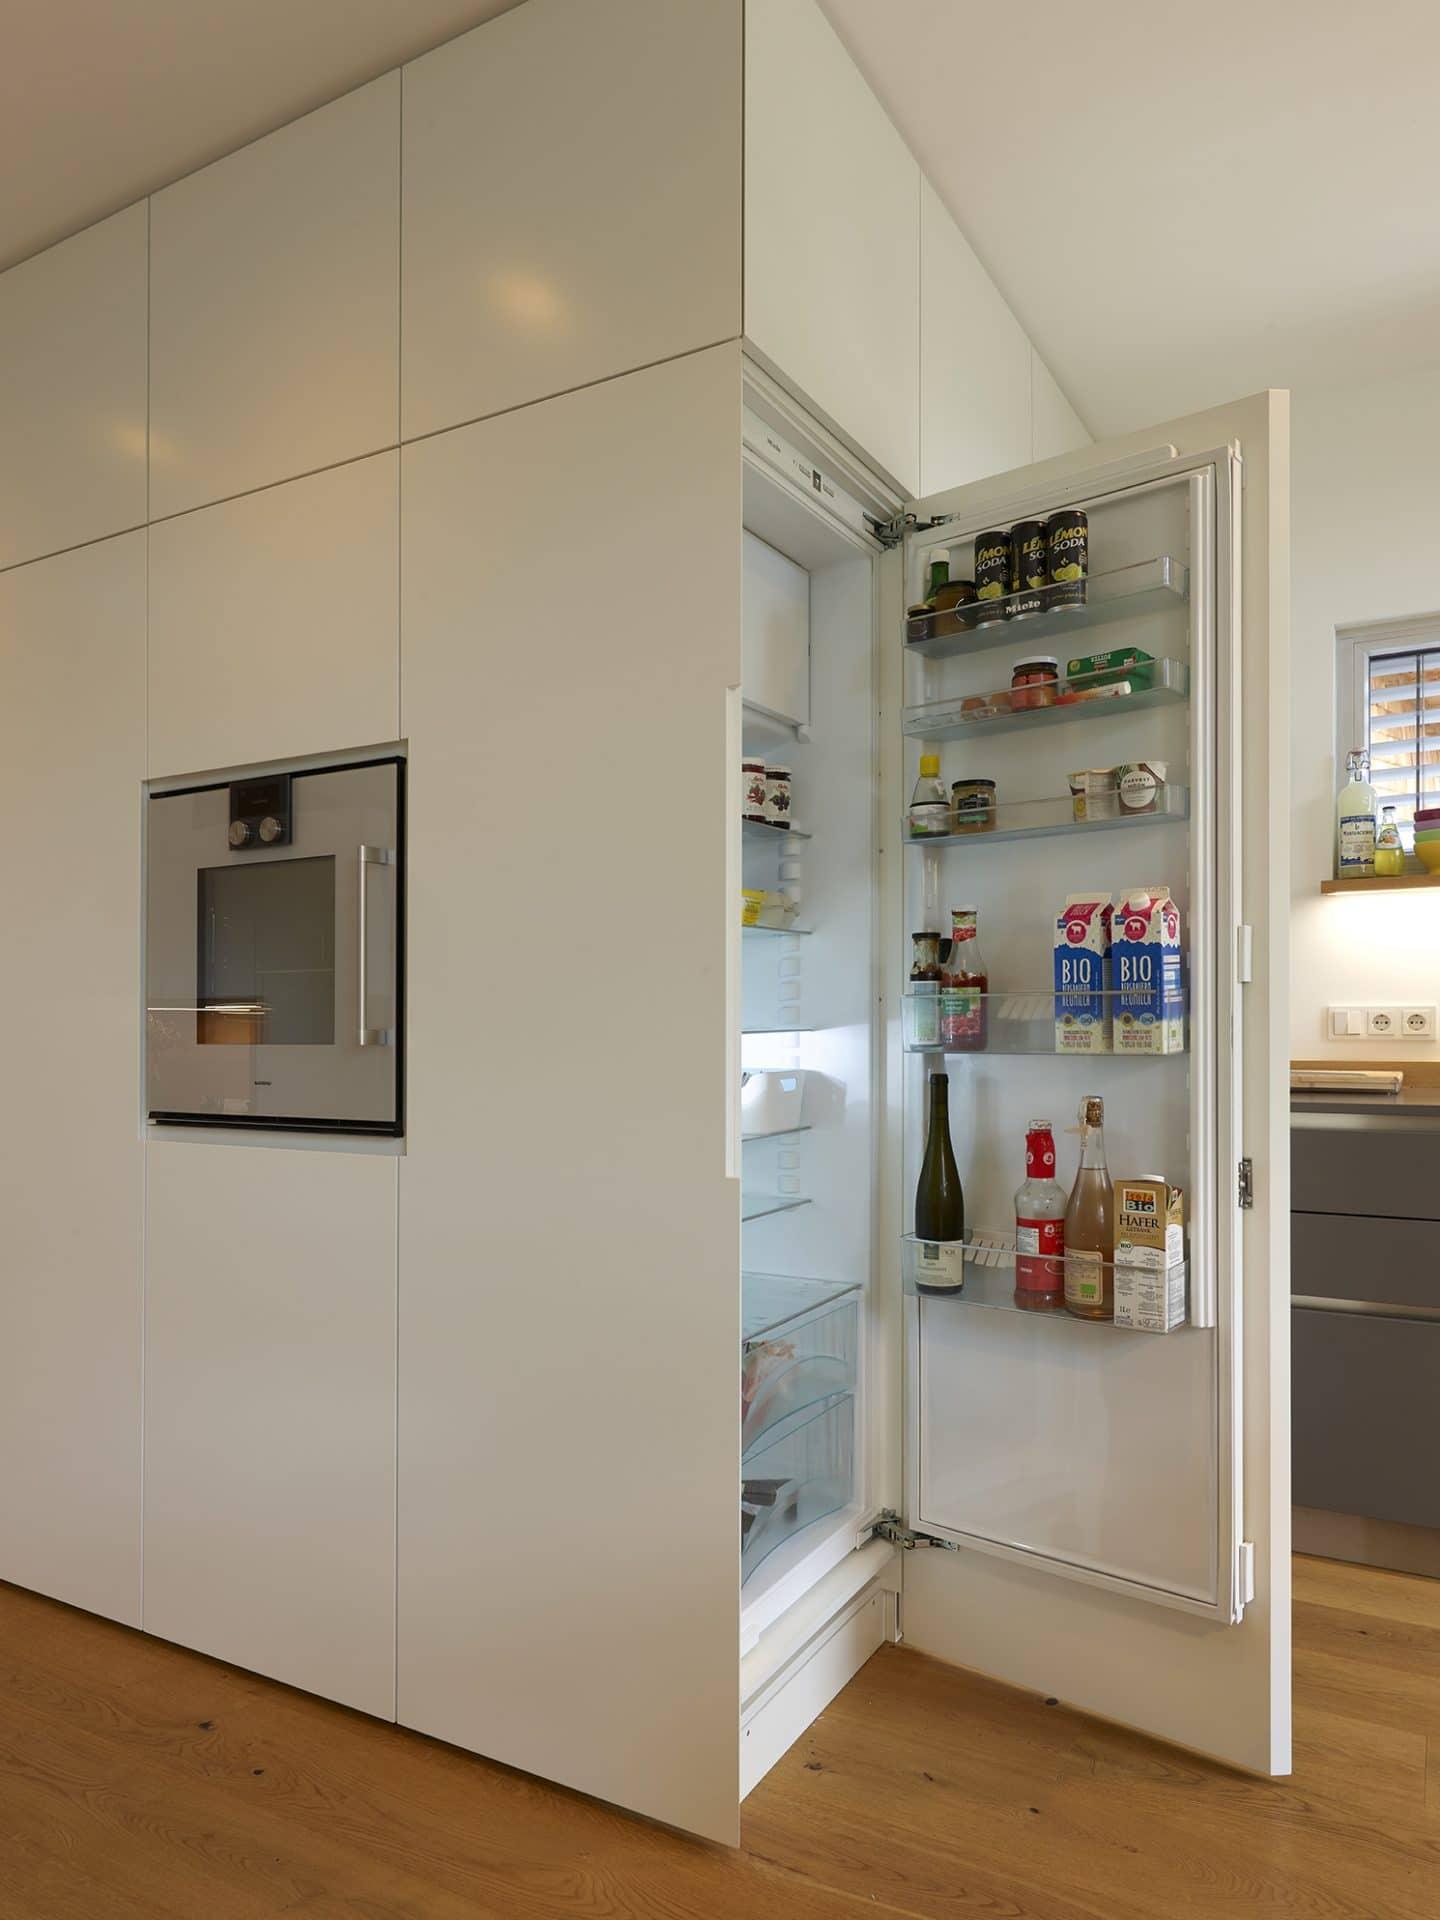 Küchendesign von VOIT in Eiche Natur mit BetonART und Edelstahl - Kühlschrank geöffnet, links ums Eck Einbaugerät